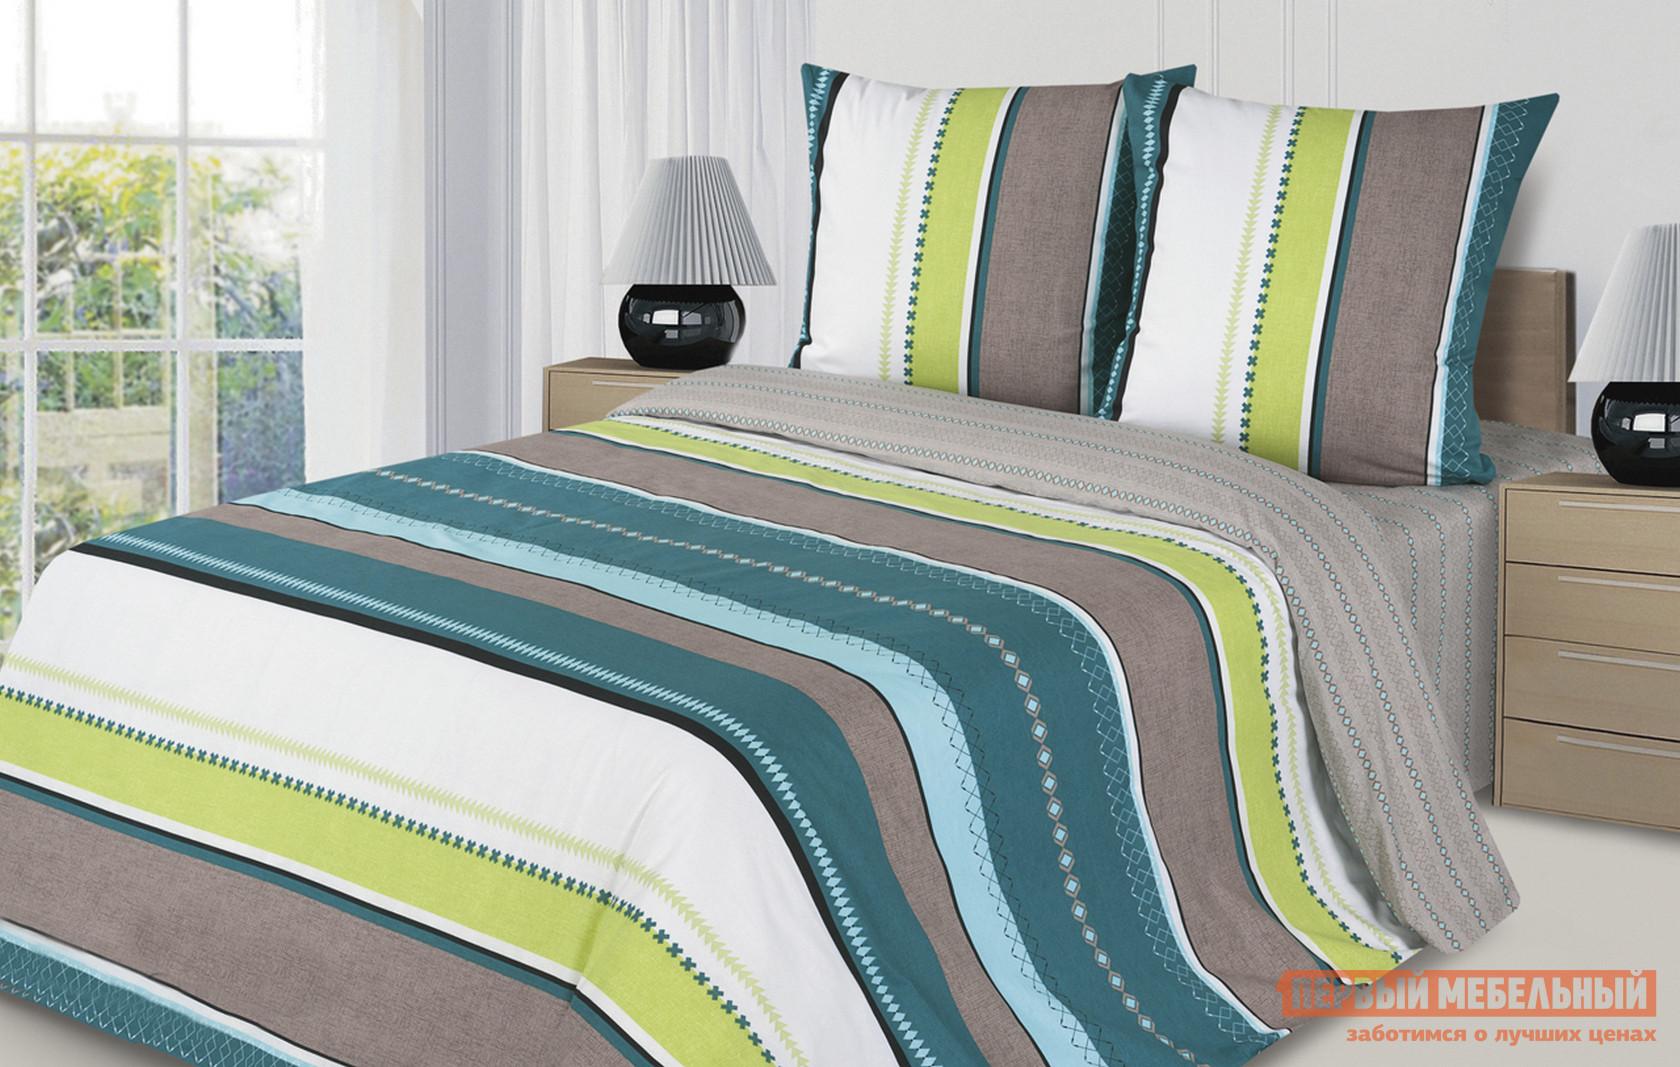 Комплект постельного белья Первый Мебельный КПБ Мармарис